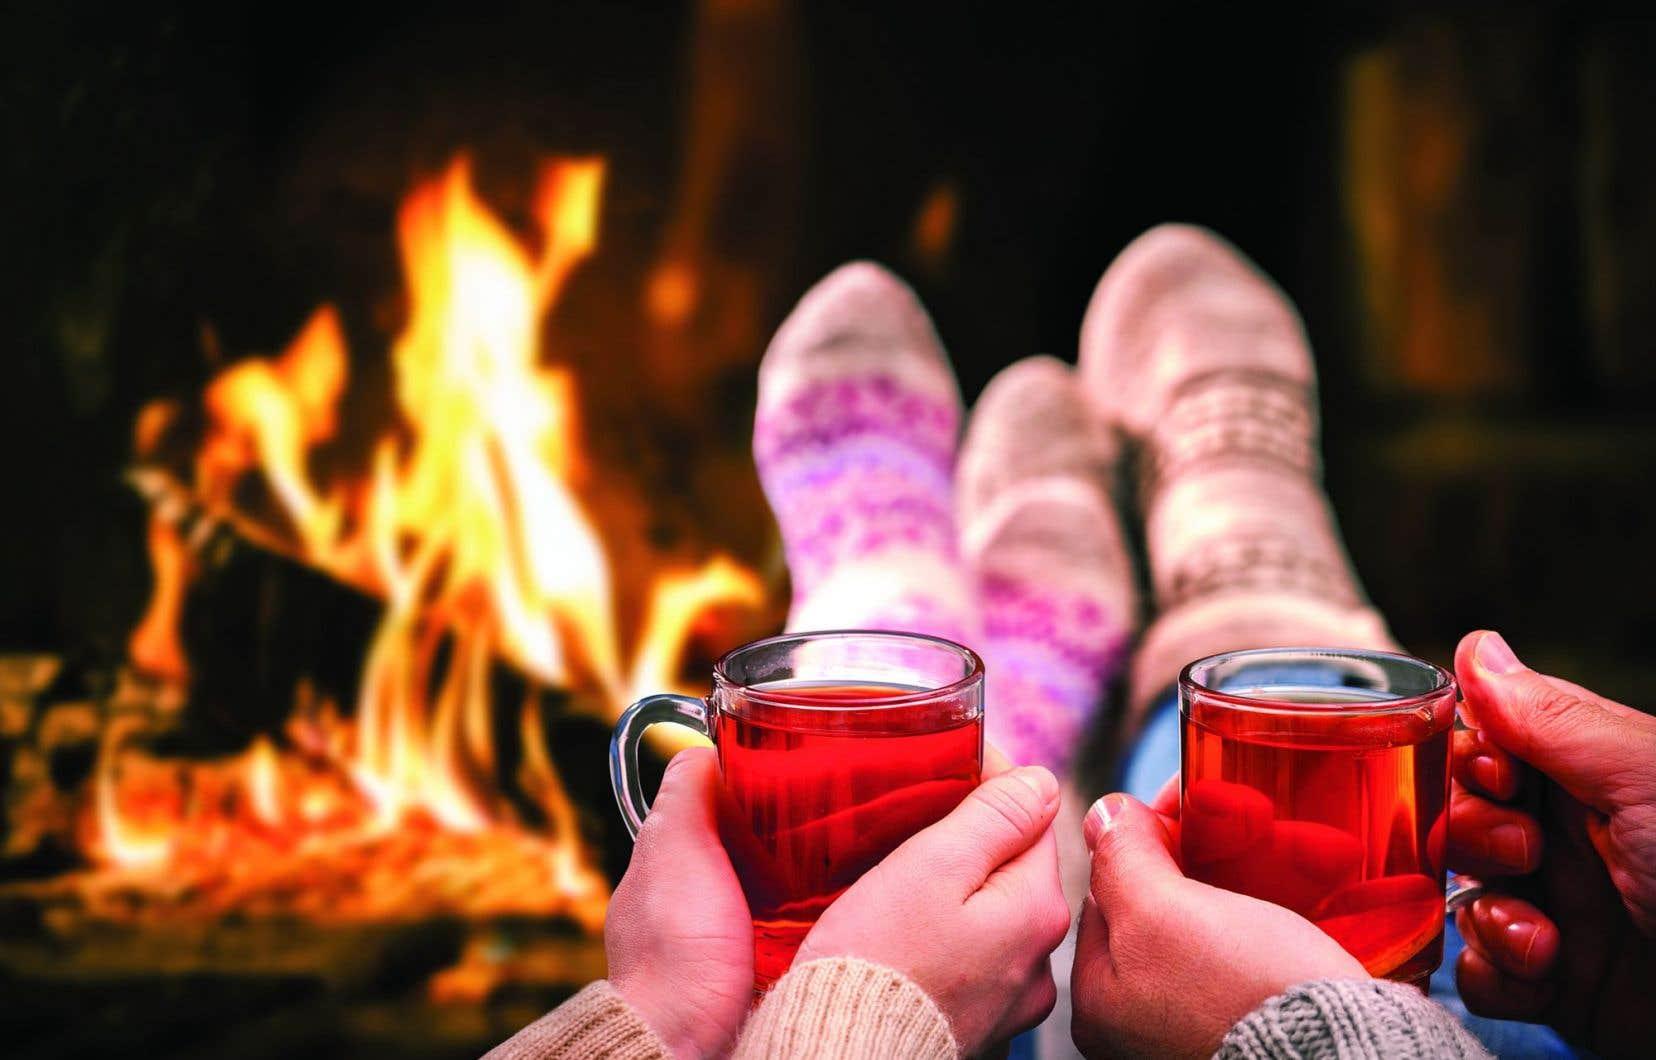 Entre la simplicité rustique et le décontracté en famille, le «hygge» se glisse dans l'esprit de Noël. Chuuuuut ! C'est un secret bien gardé.